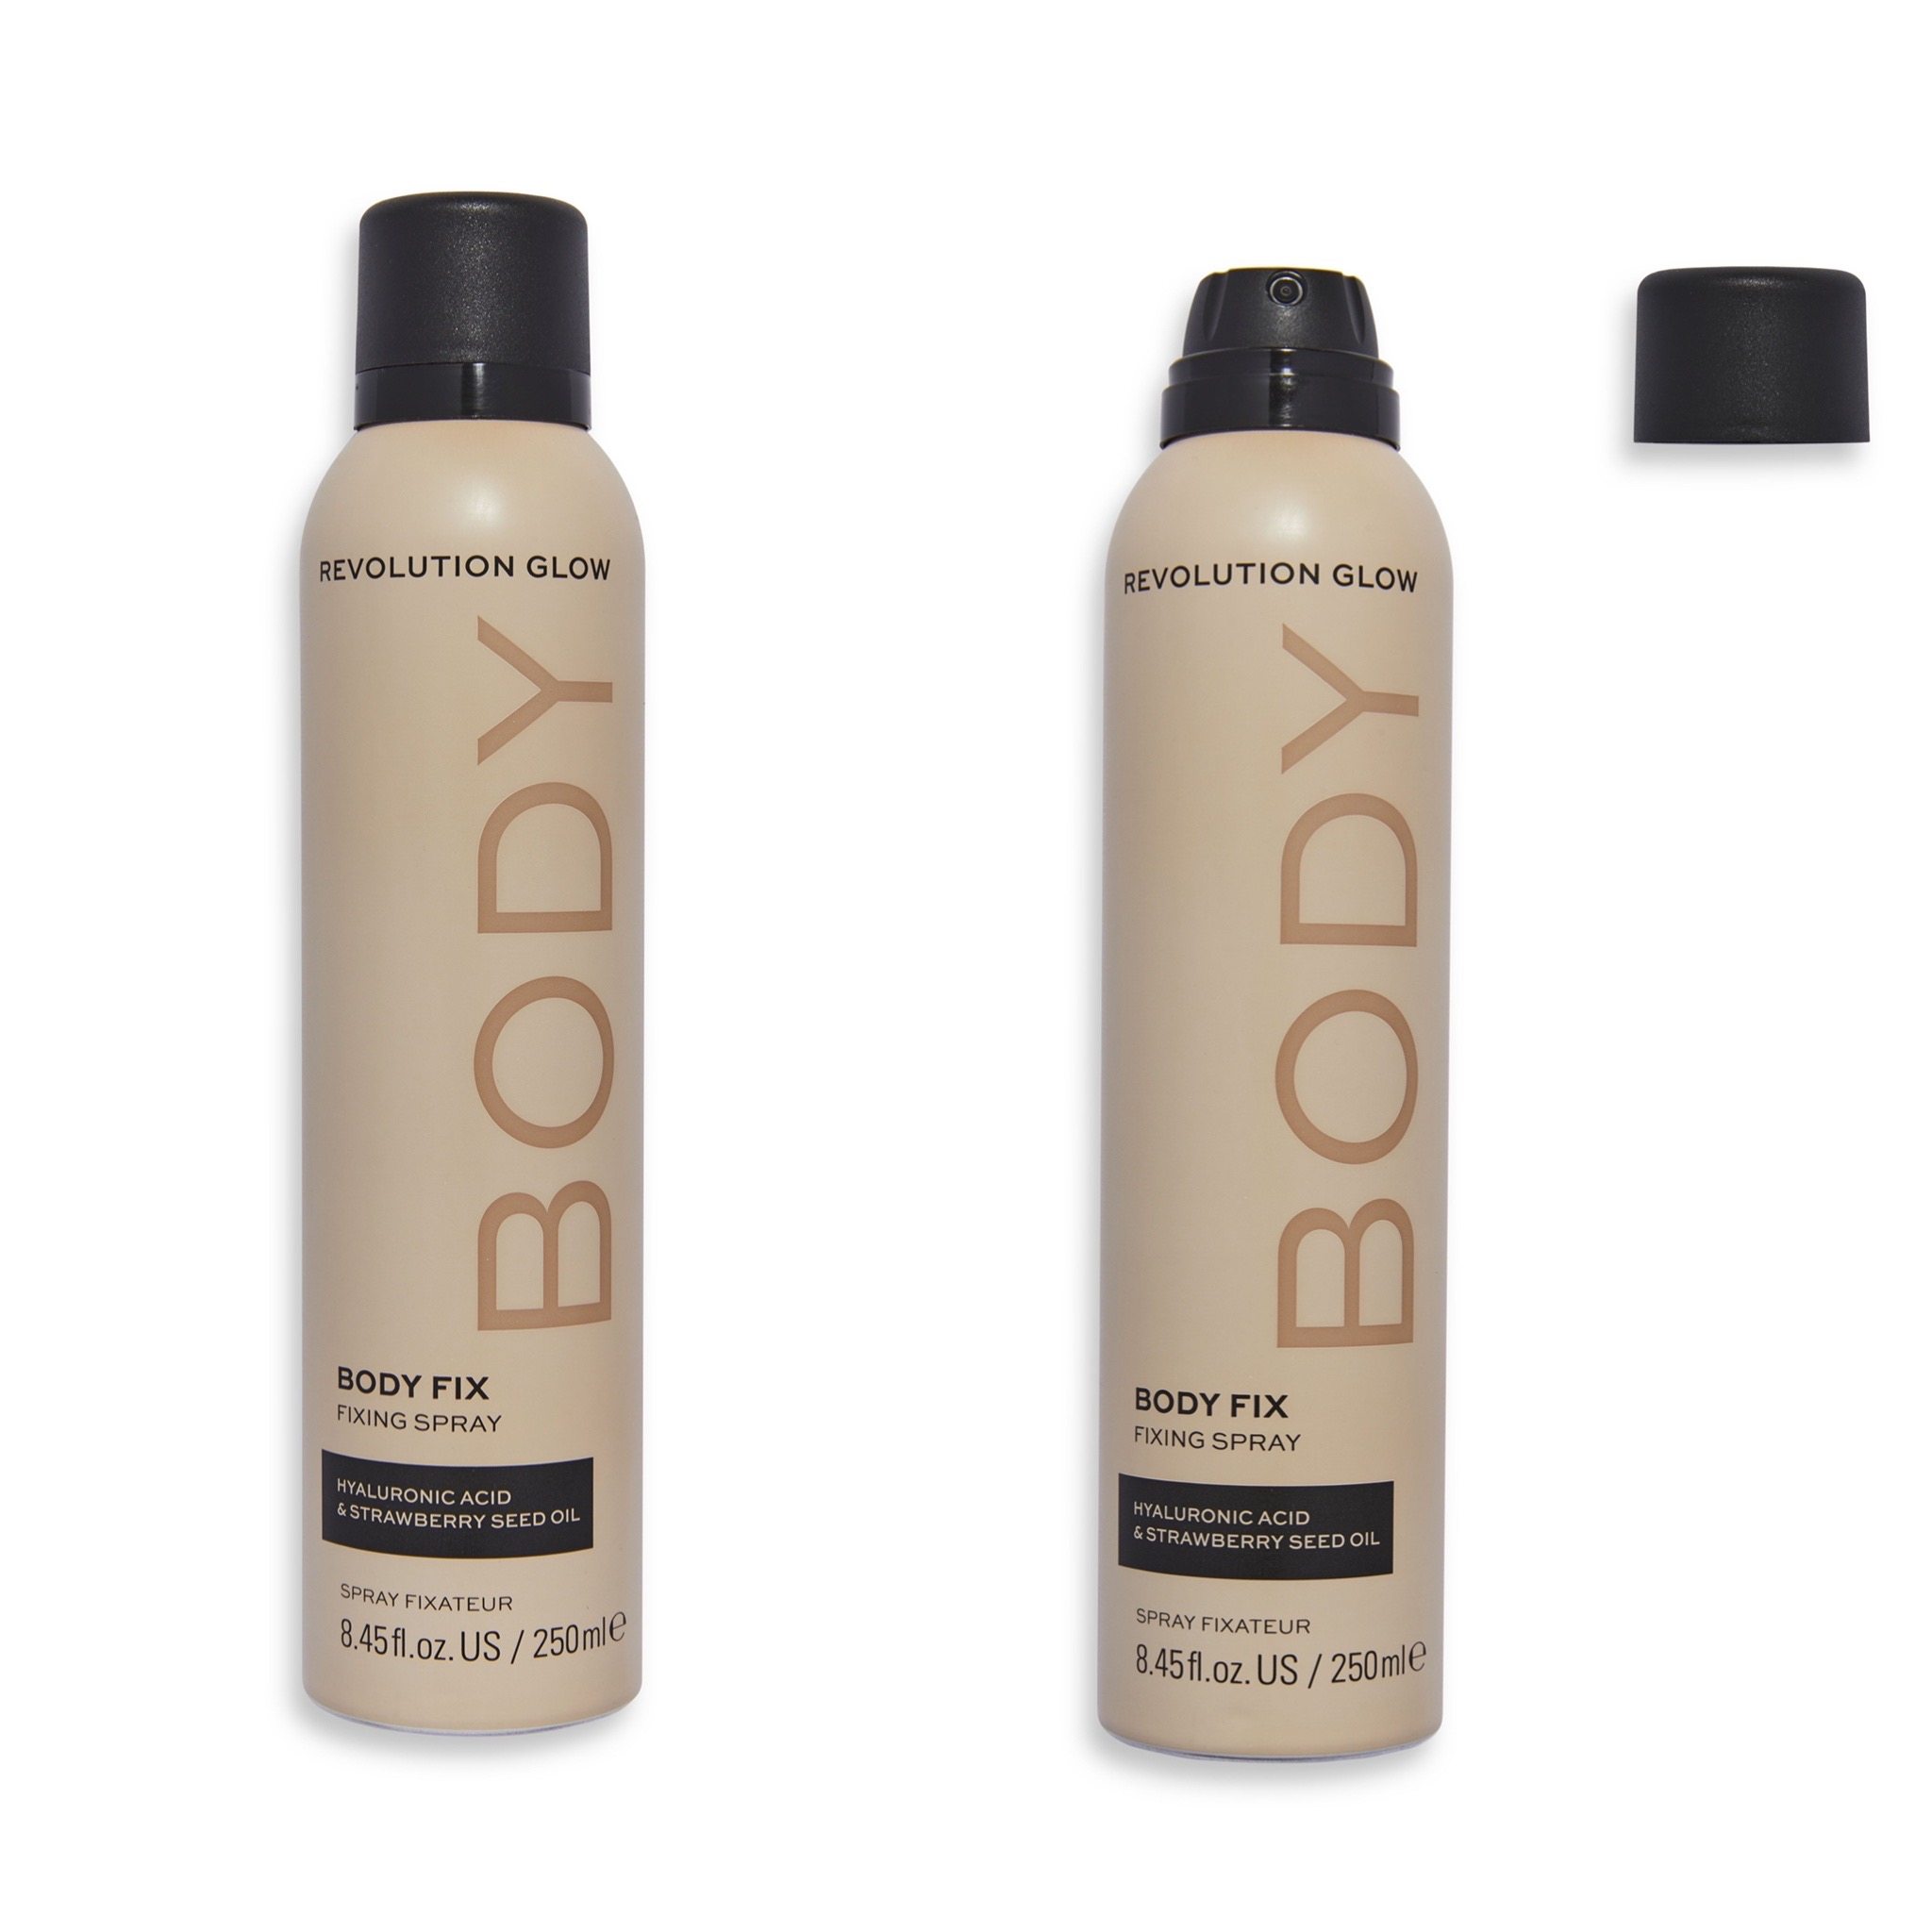 Revolution Glow Body Fix Fixing Spray